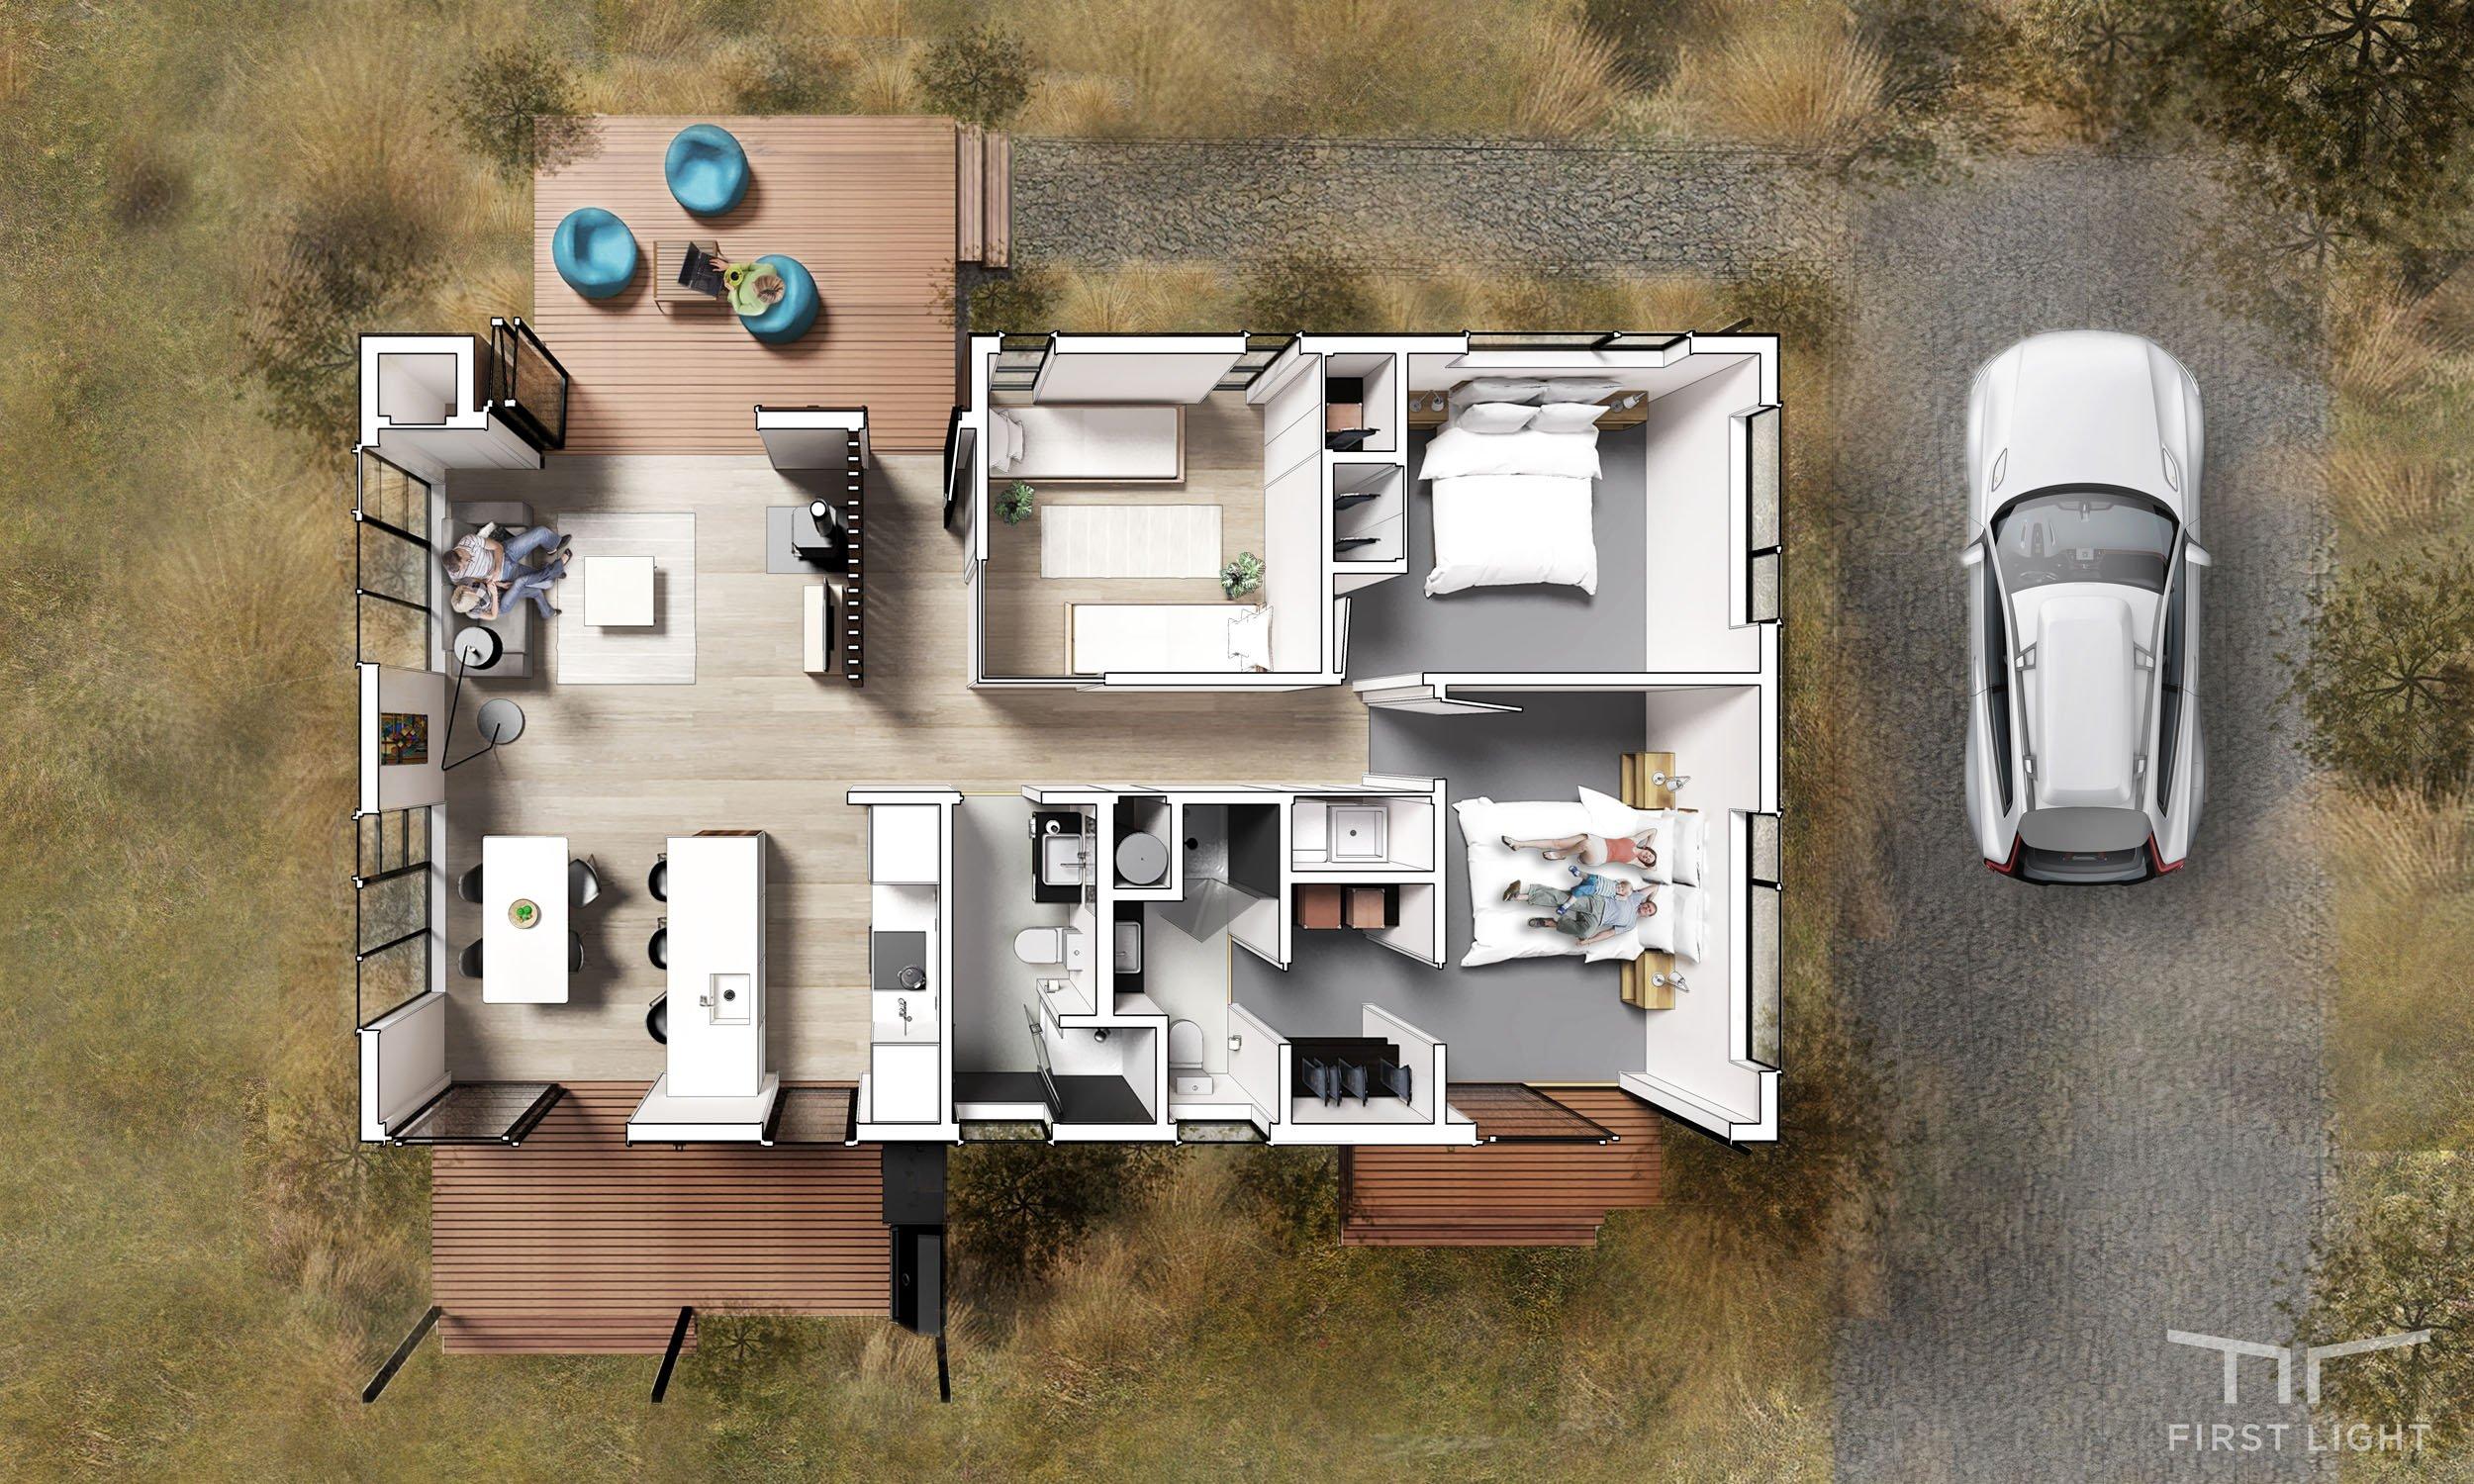 Flex 90 Plan - Bedroom